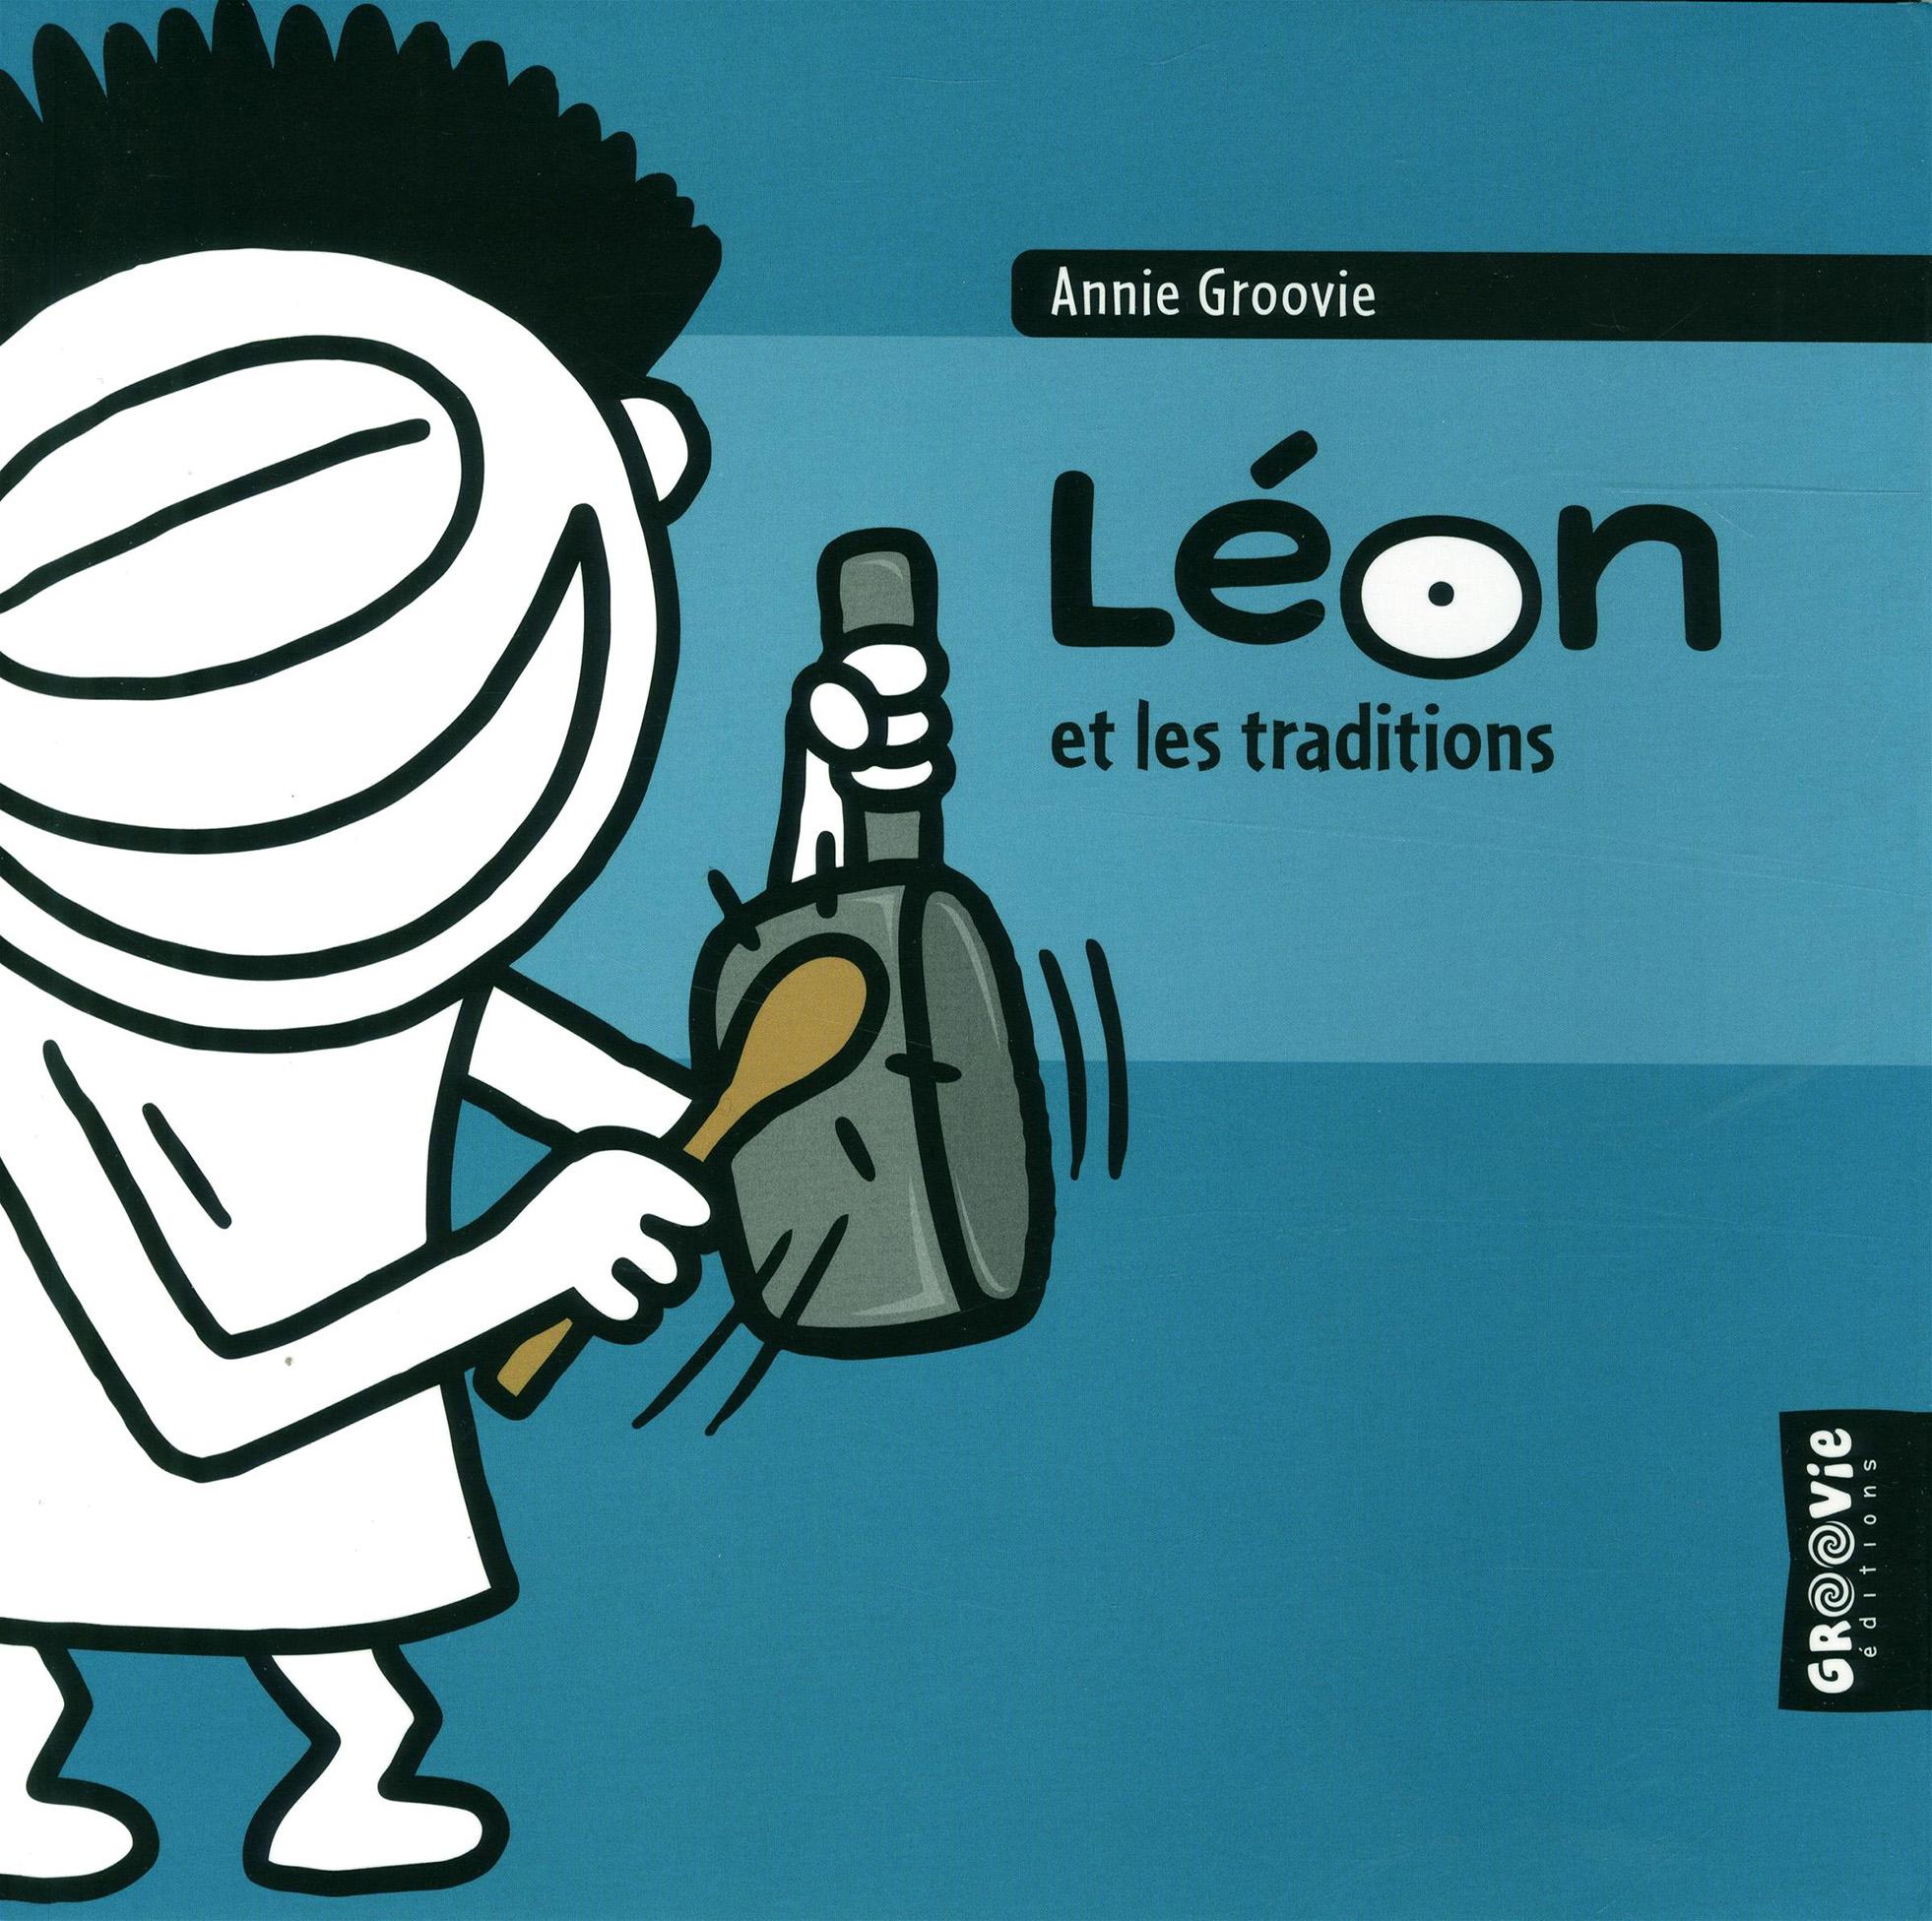 LeonTraditionsC1